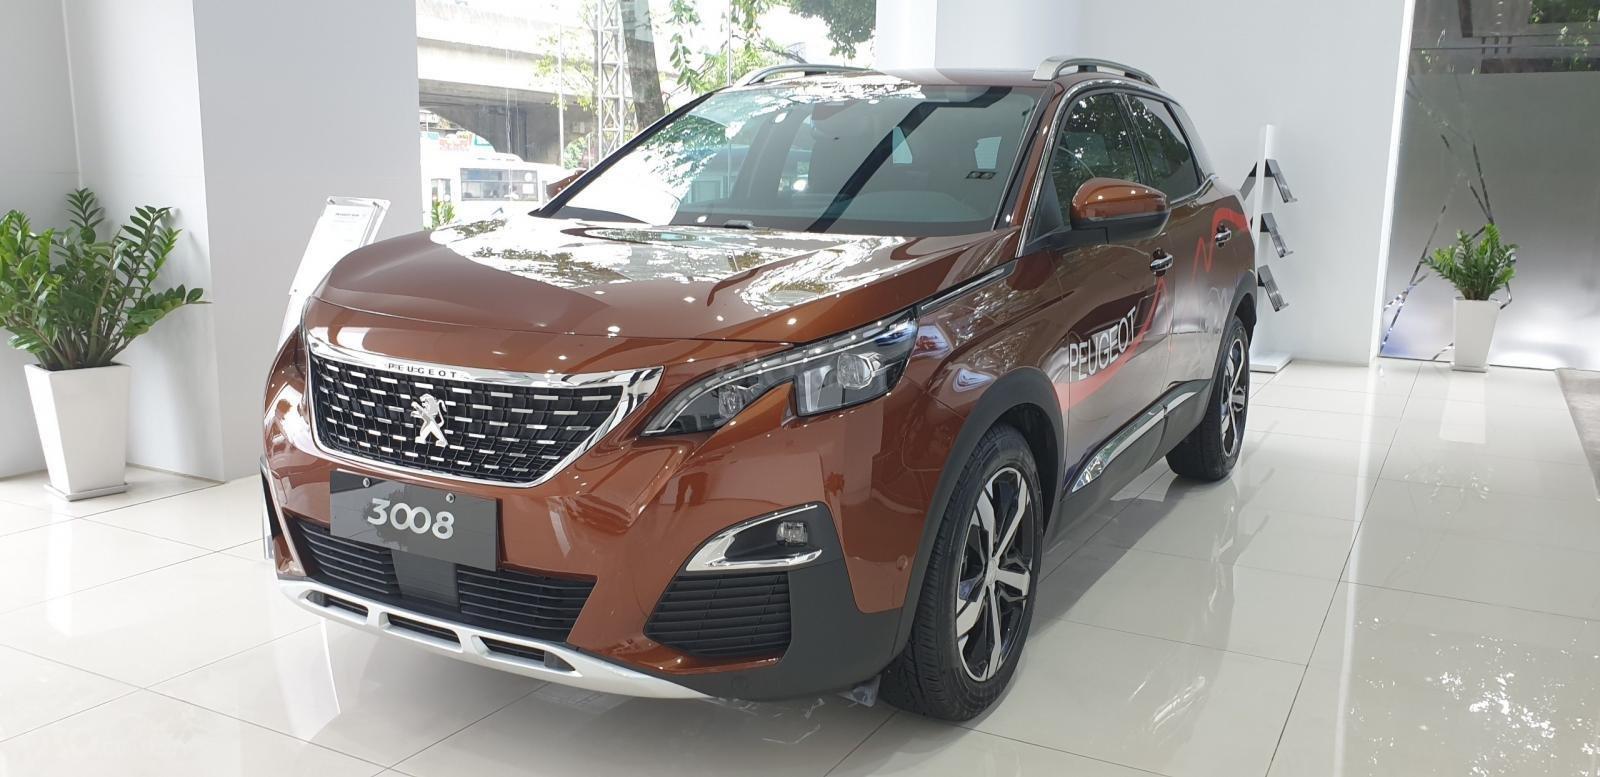 Peugeot Thanh Xuân - Peugeot 3008 AN giá tốt nhất thị trường + bảo hành chính hãng lên tới 5 năm (2)